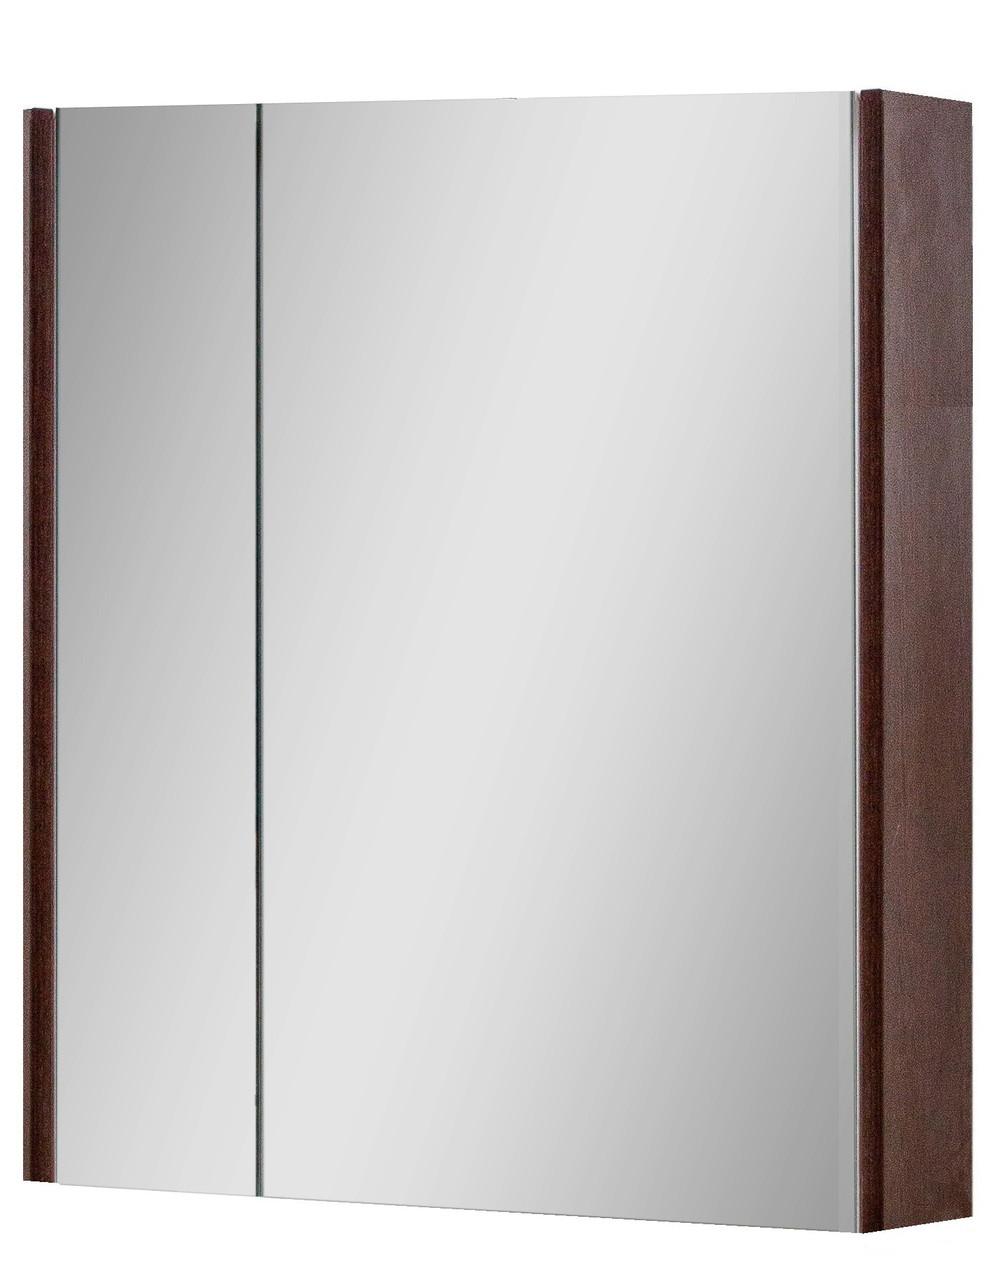 Зеркальный шкаф для ванной комнаты Сенатор Z-60 (без подсветки) Юввис